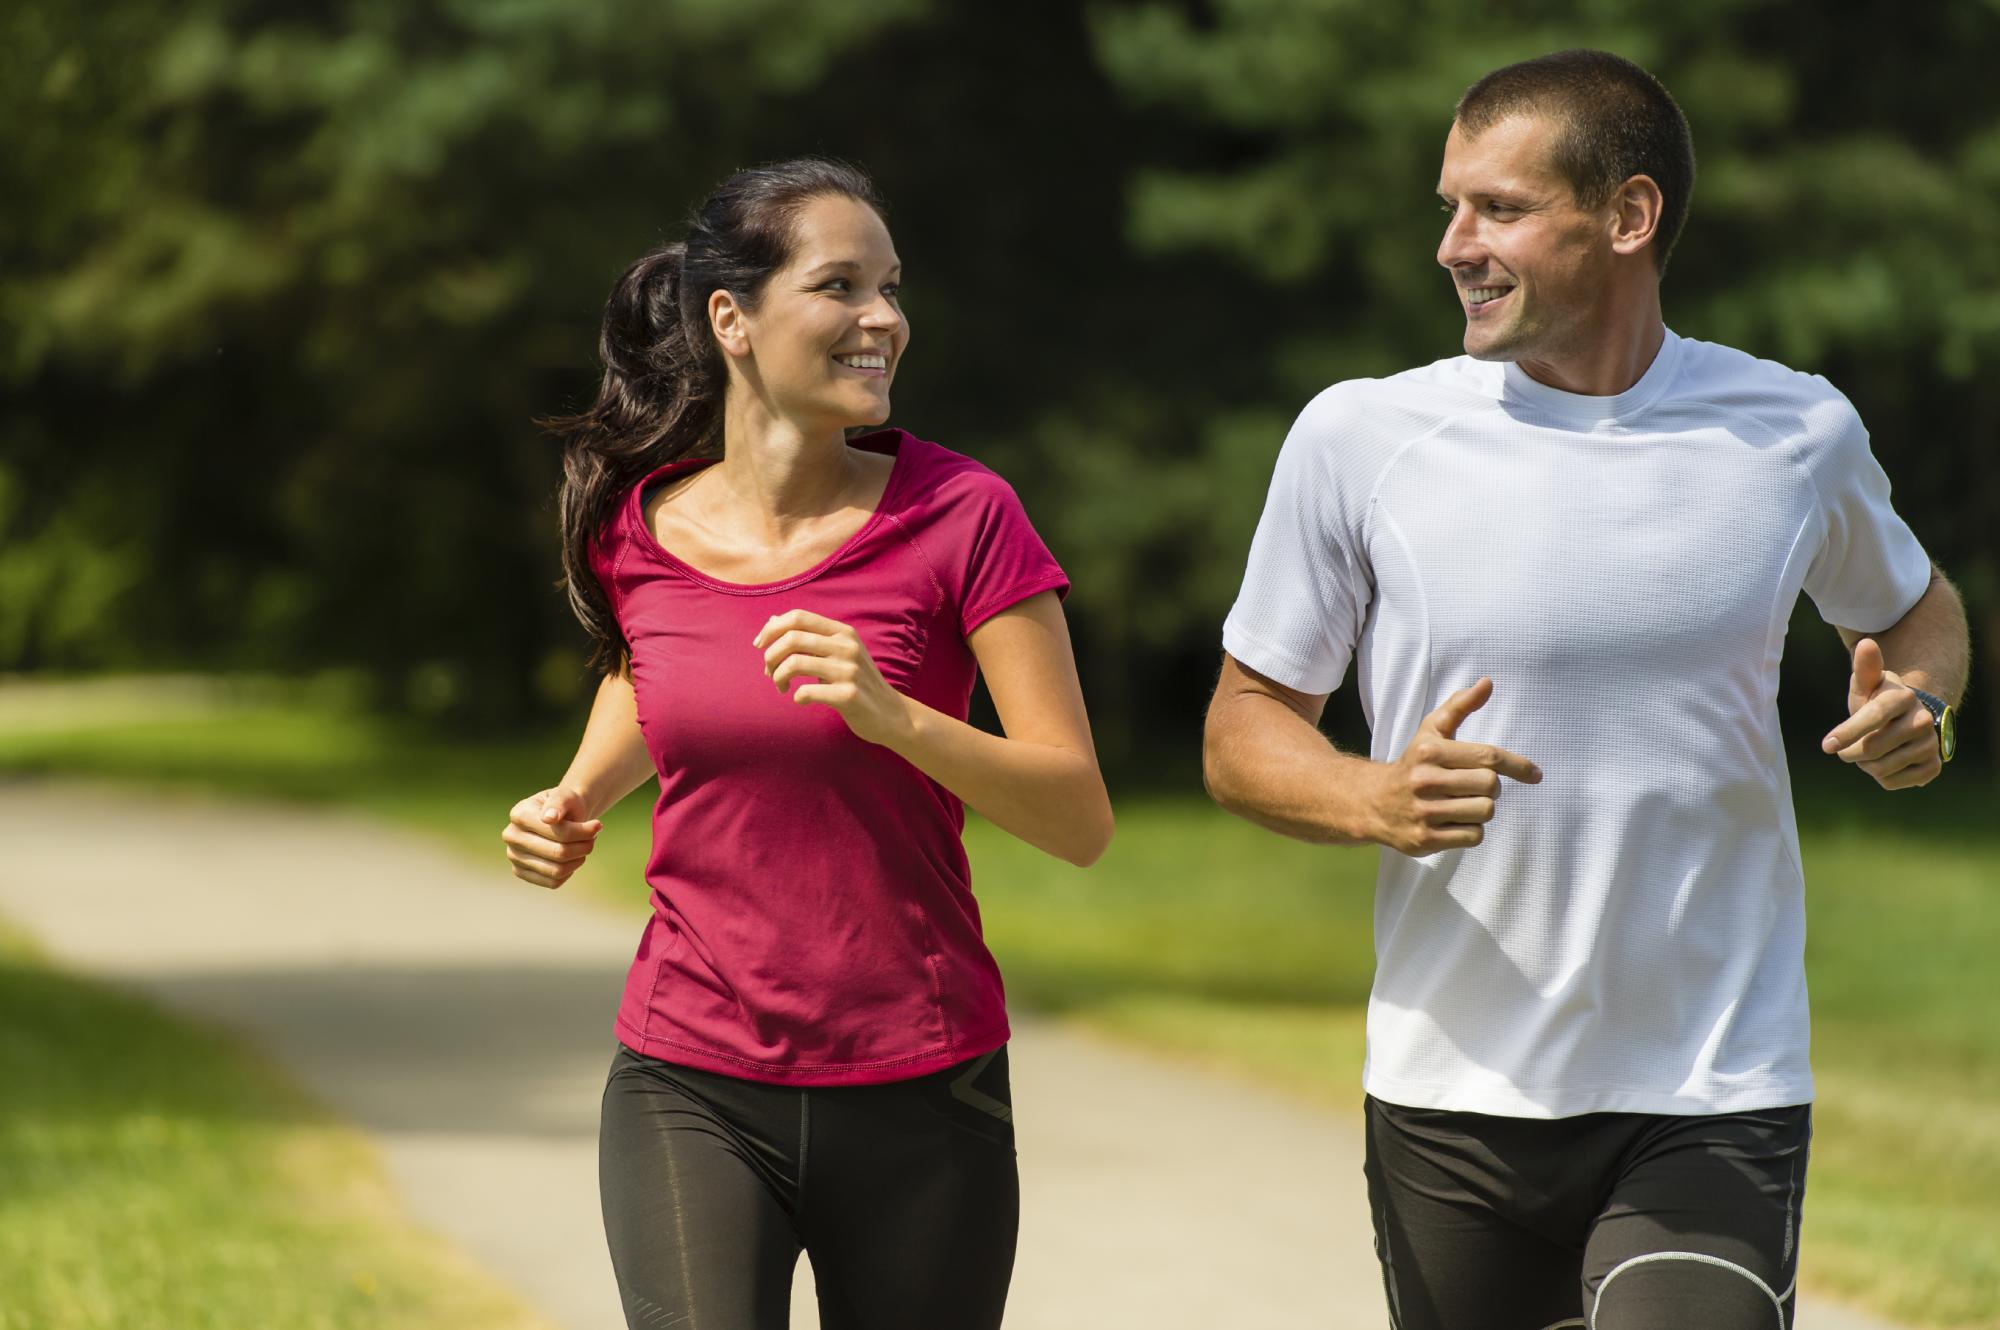 Польза и правильная техника бега